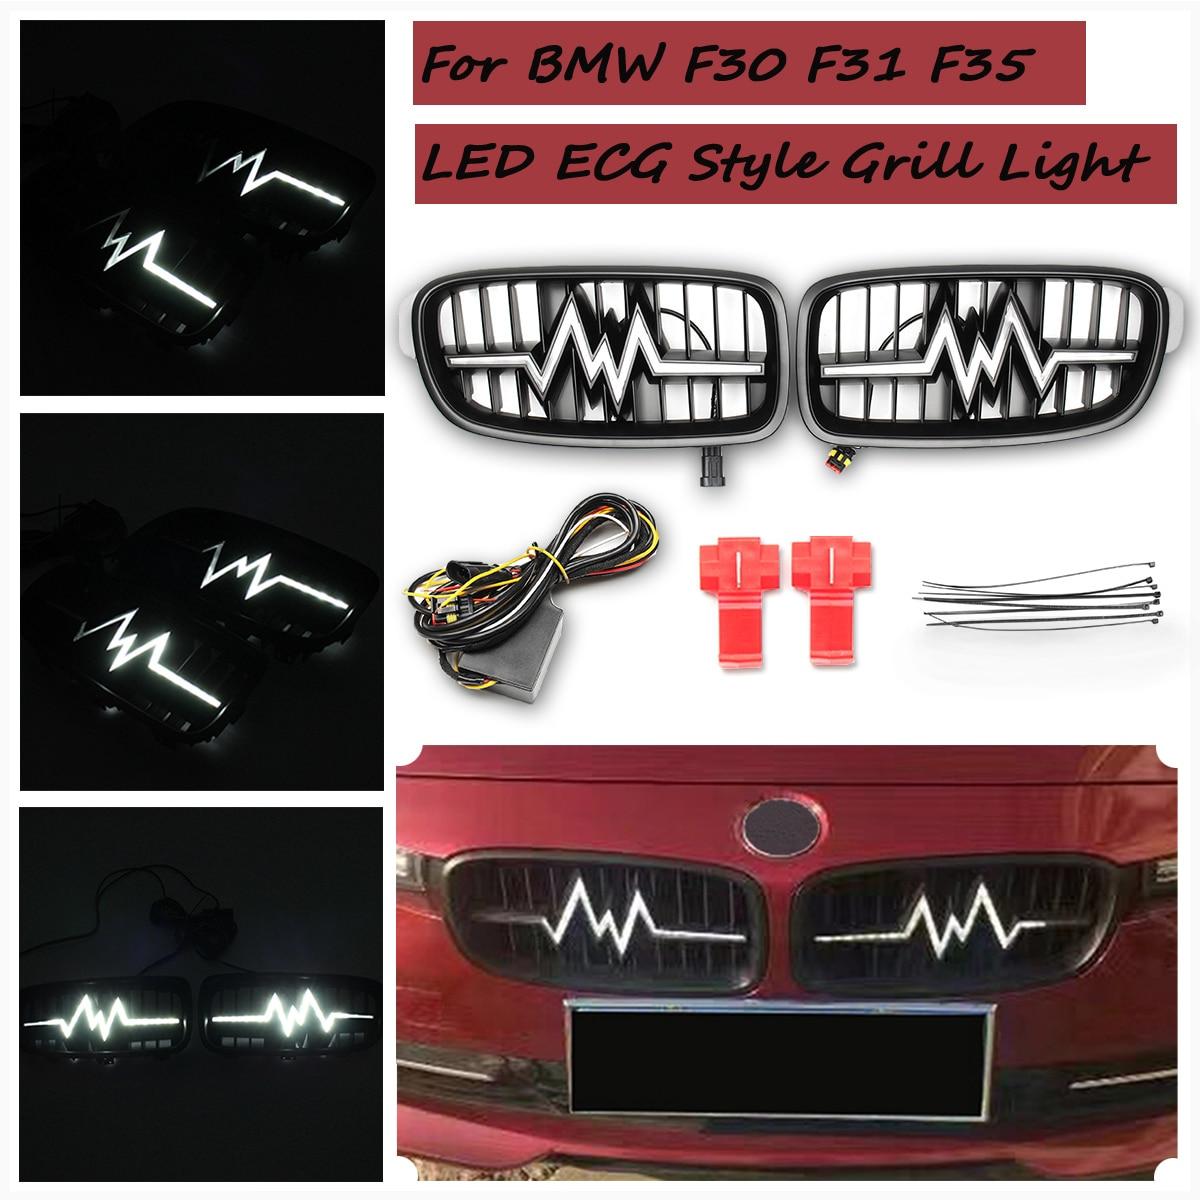 Для BMW 3 серии F30 F35 электрокардиограмма светодиодный Гриль свет поворотах лампы стилизации автомобилей передний капот почек гонки решетка о